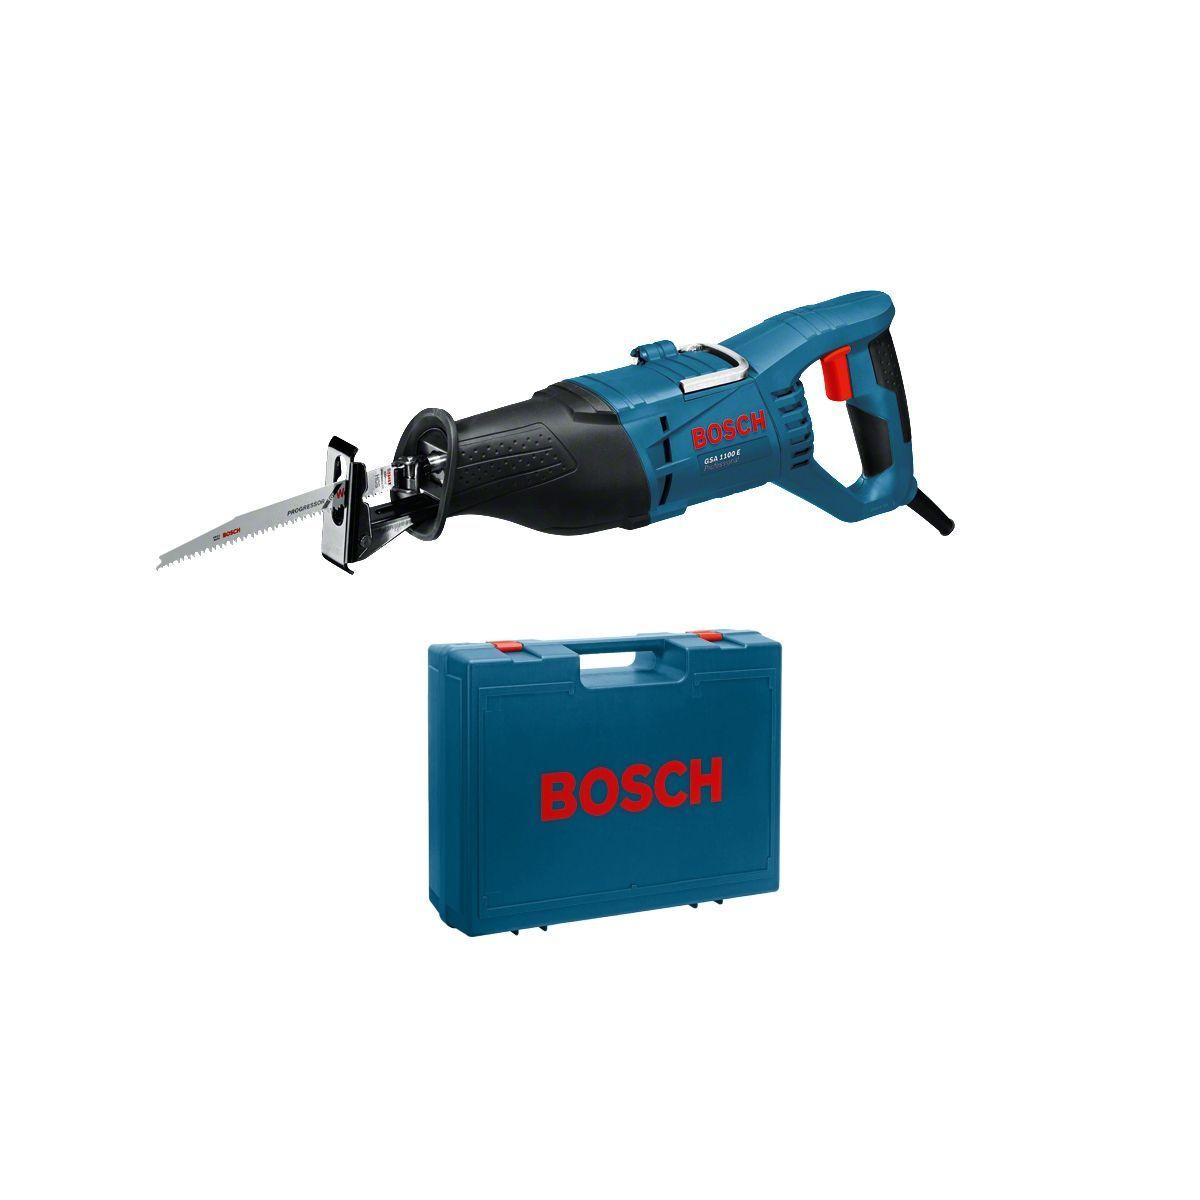 achetez votre scie sabre gsa1100e pro 1100w 060164c800 bosch